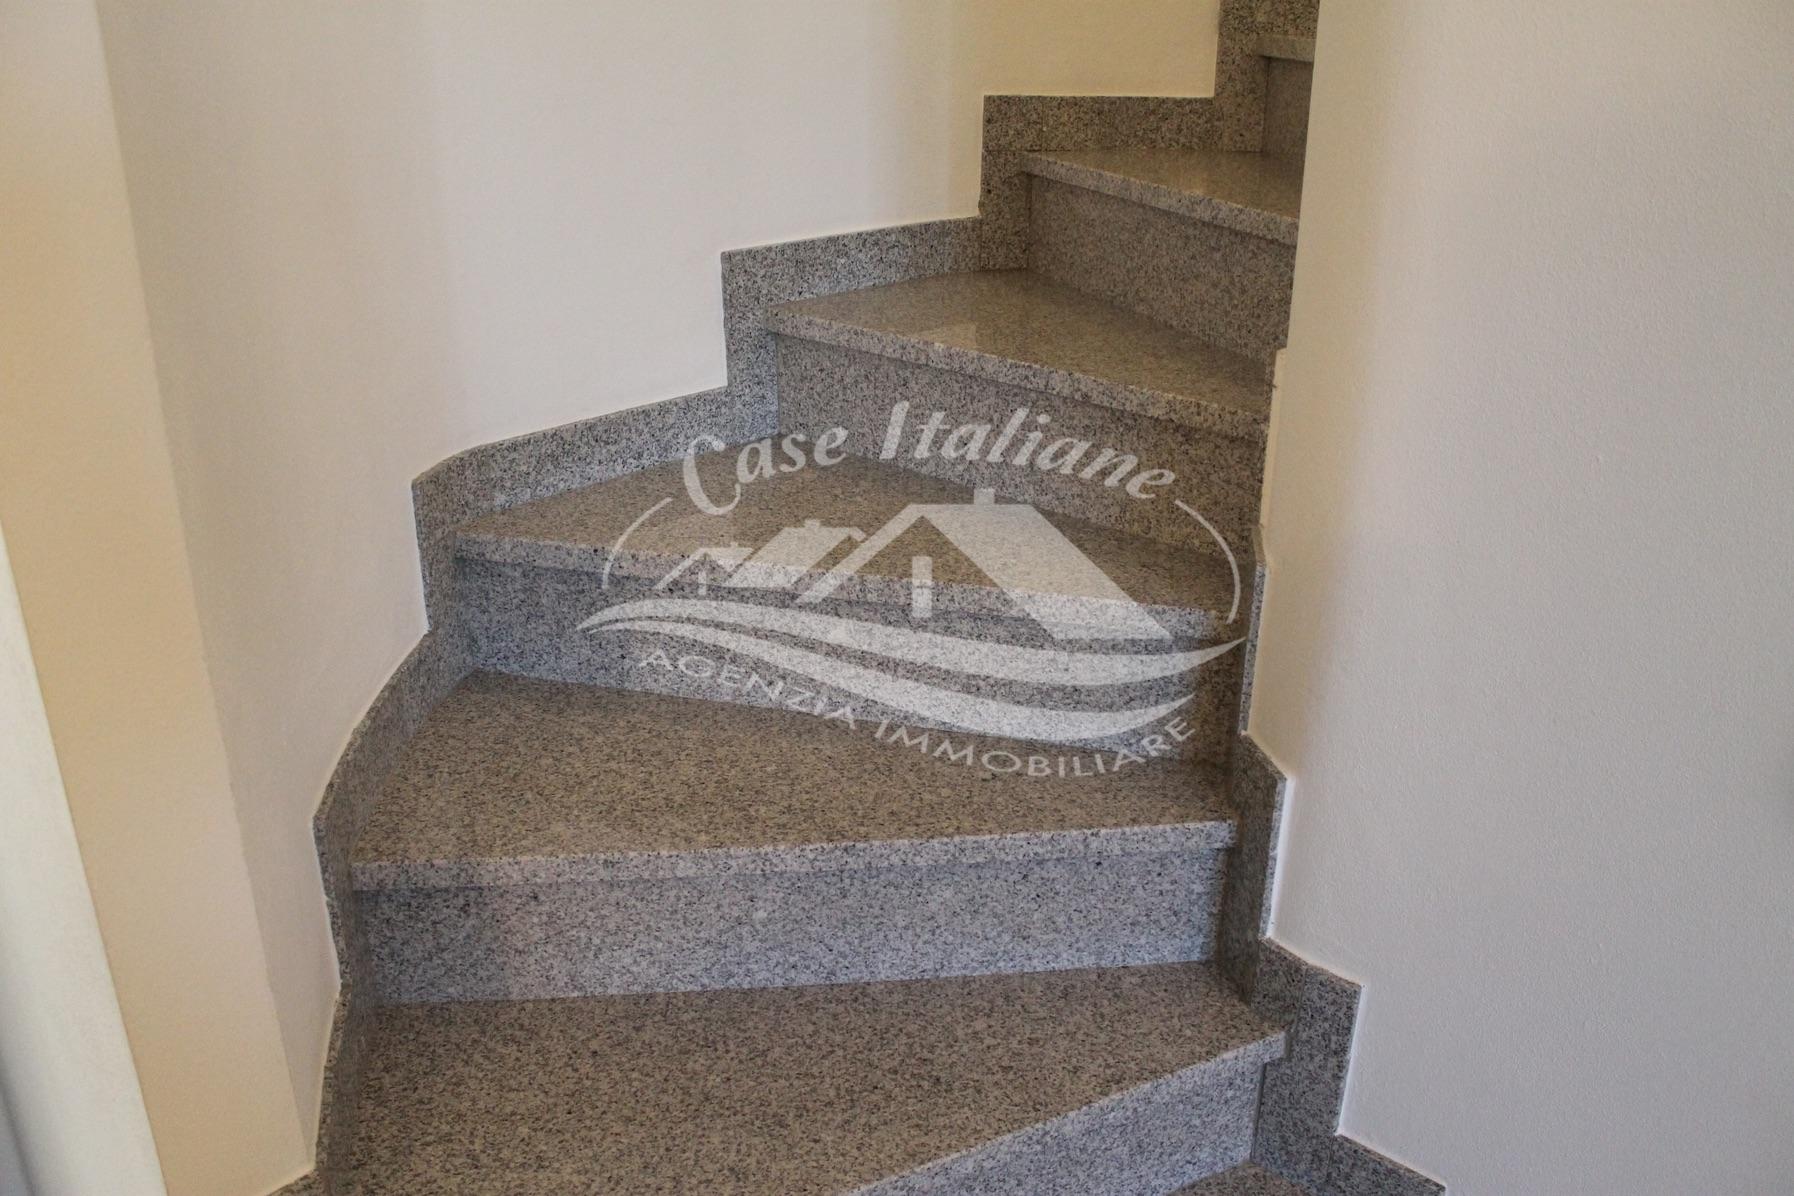 Img 9417 case italiane agenzia immobiliare cant for Case italiane immobiliare